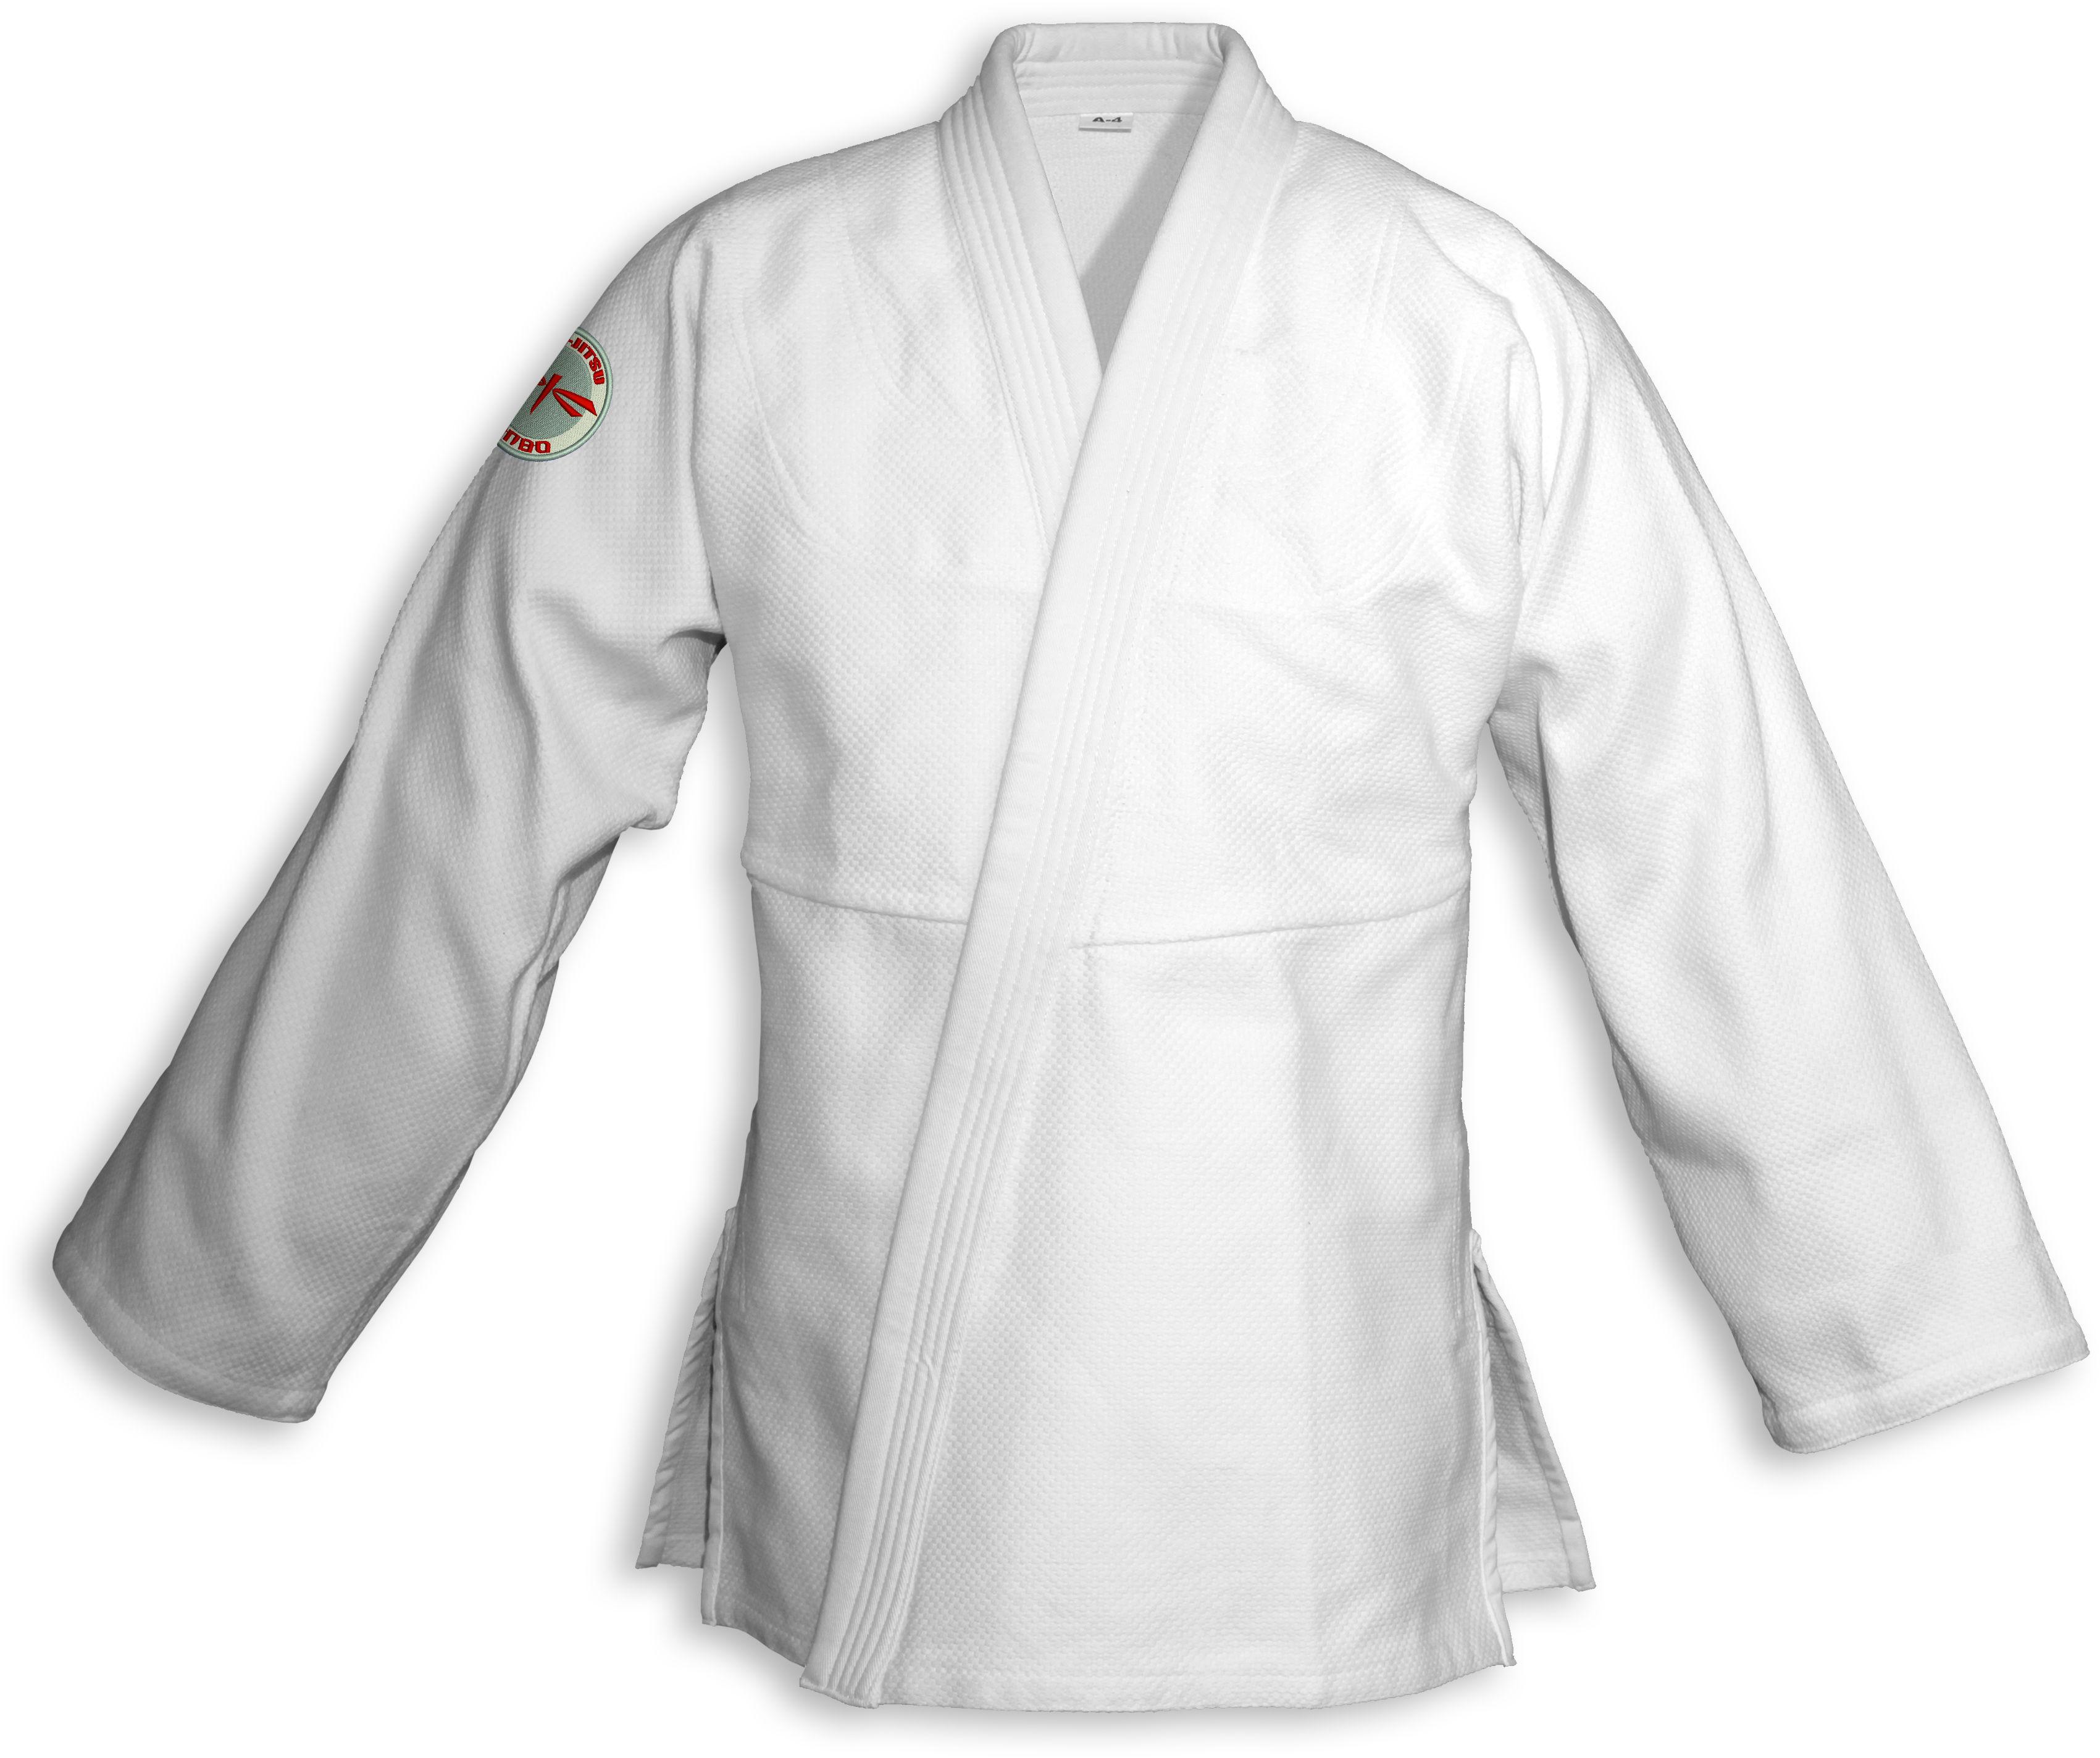 bluza BJJ/Jiu-Jitsu NAKED-LIGHT, białe, 420g/m2 (21 rozmiarów)